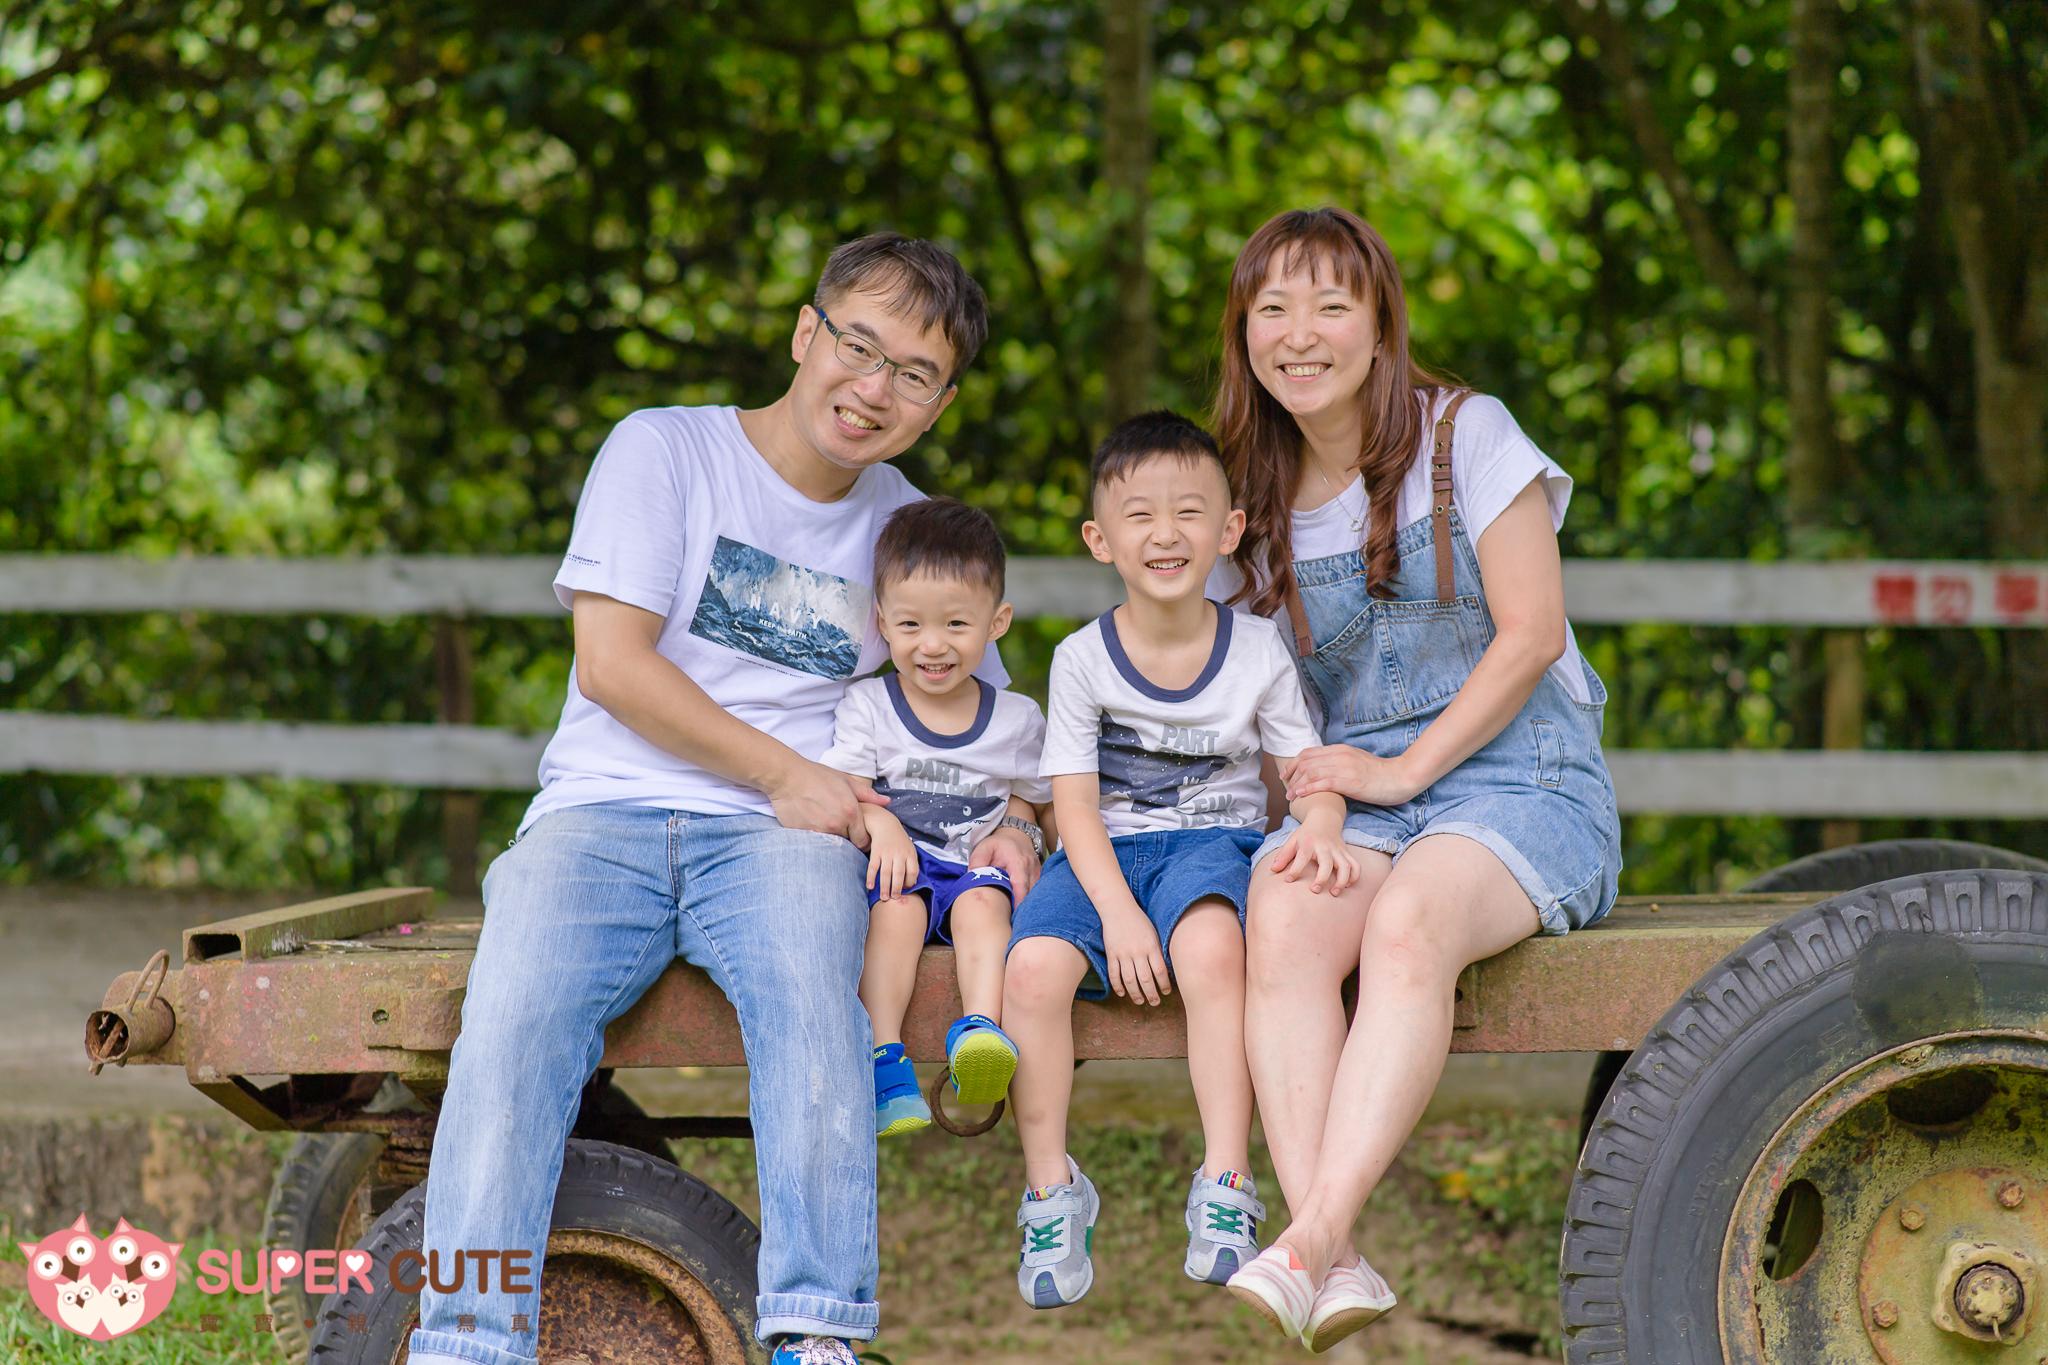 戶外寫真,寶寶寫真,兒童寫真,親子寫真,全家福,寶寶,兒童,台北攝影,攝影,活動攝影,kids,baby,child,photo,phototherapy,supercute